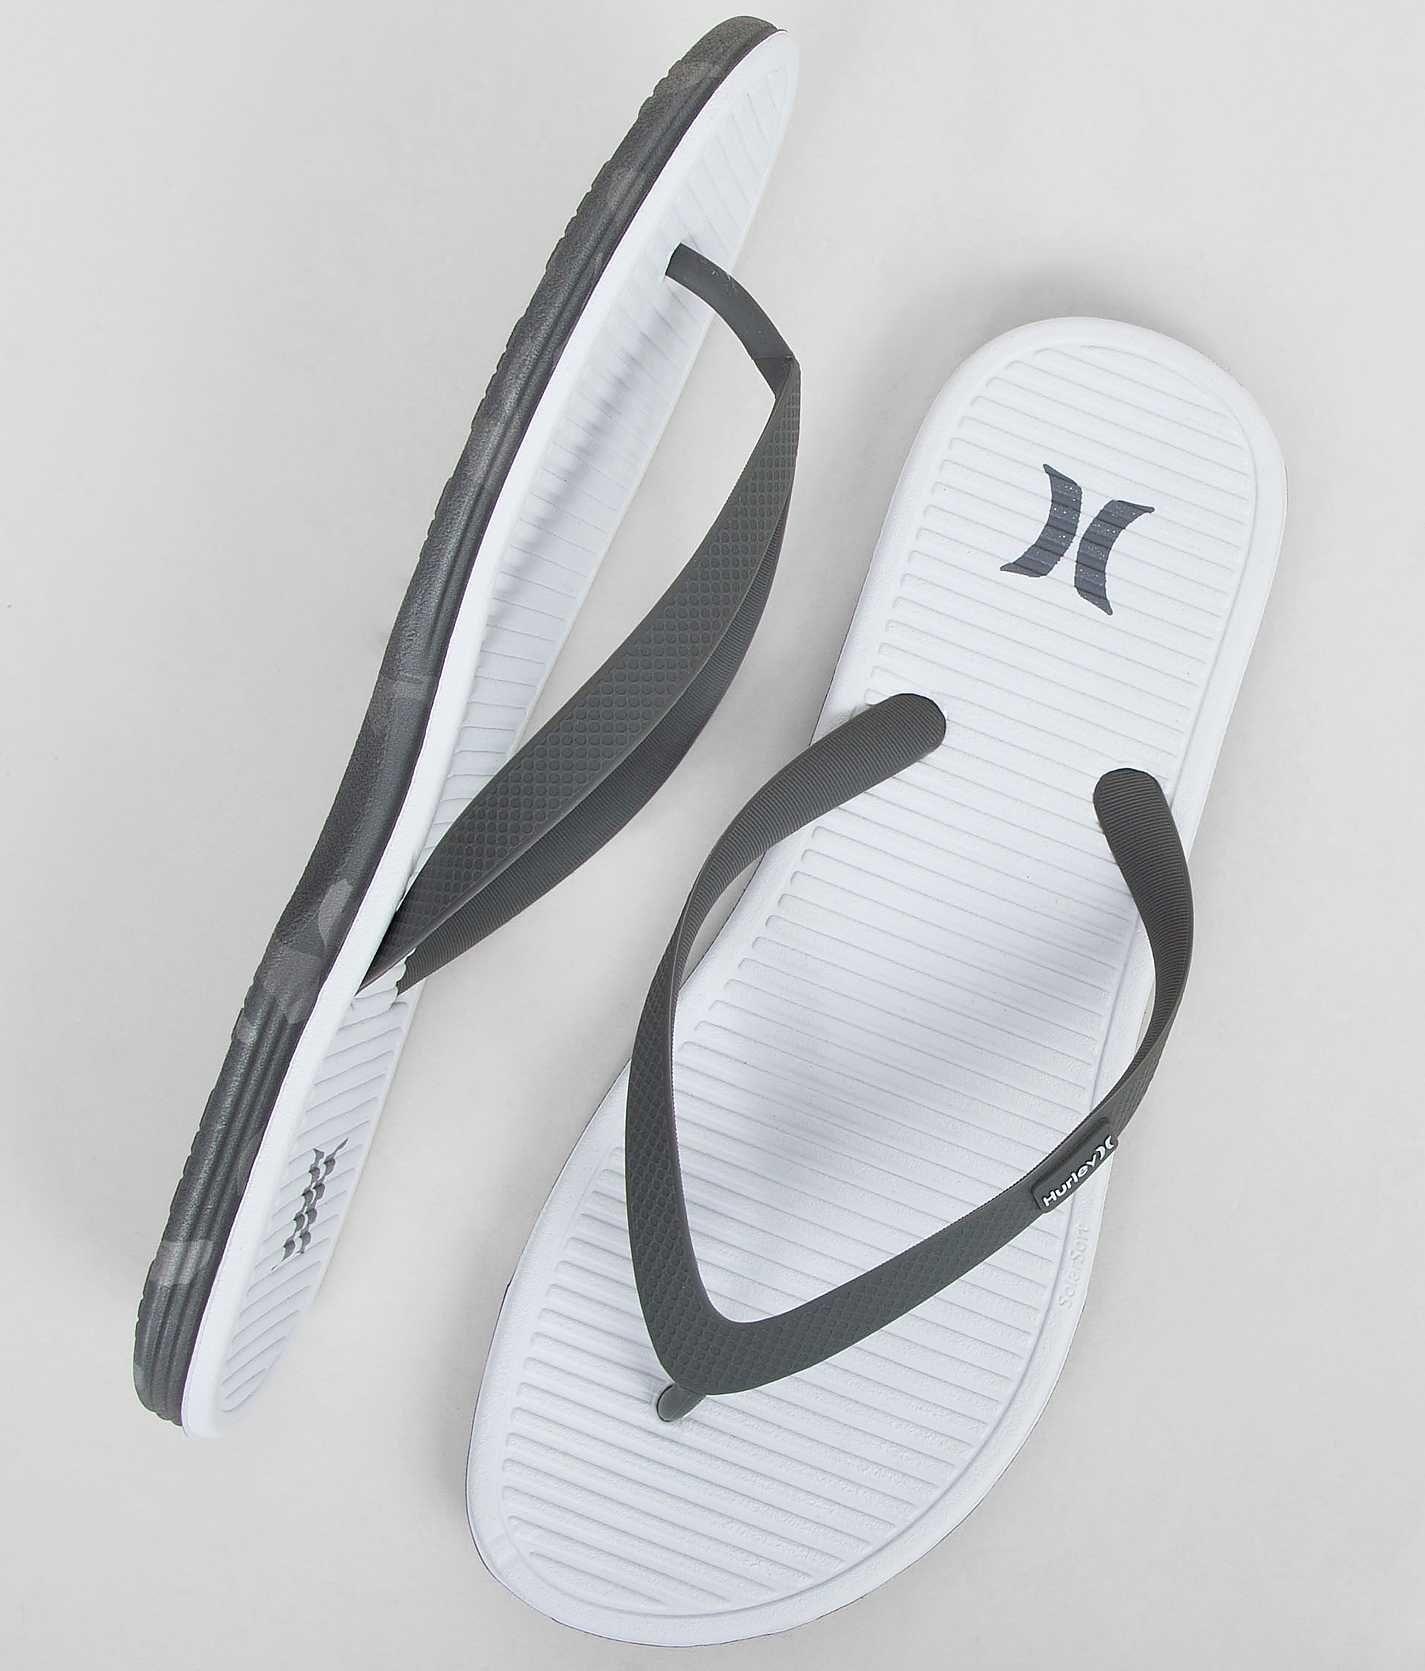 premium selection 46f05 b9317 Hurley Solar Soft Flip - Men's Shoes | Buckle | Mens shoes. | Shoes ...